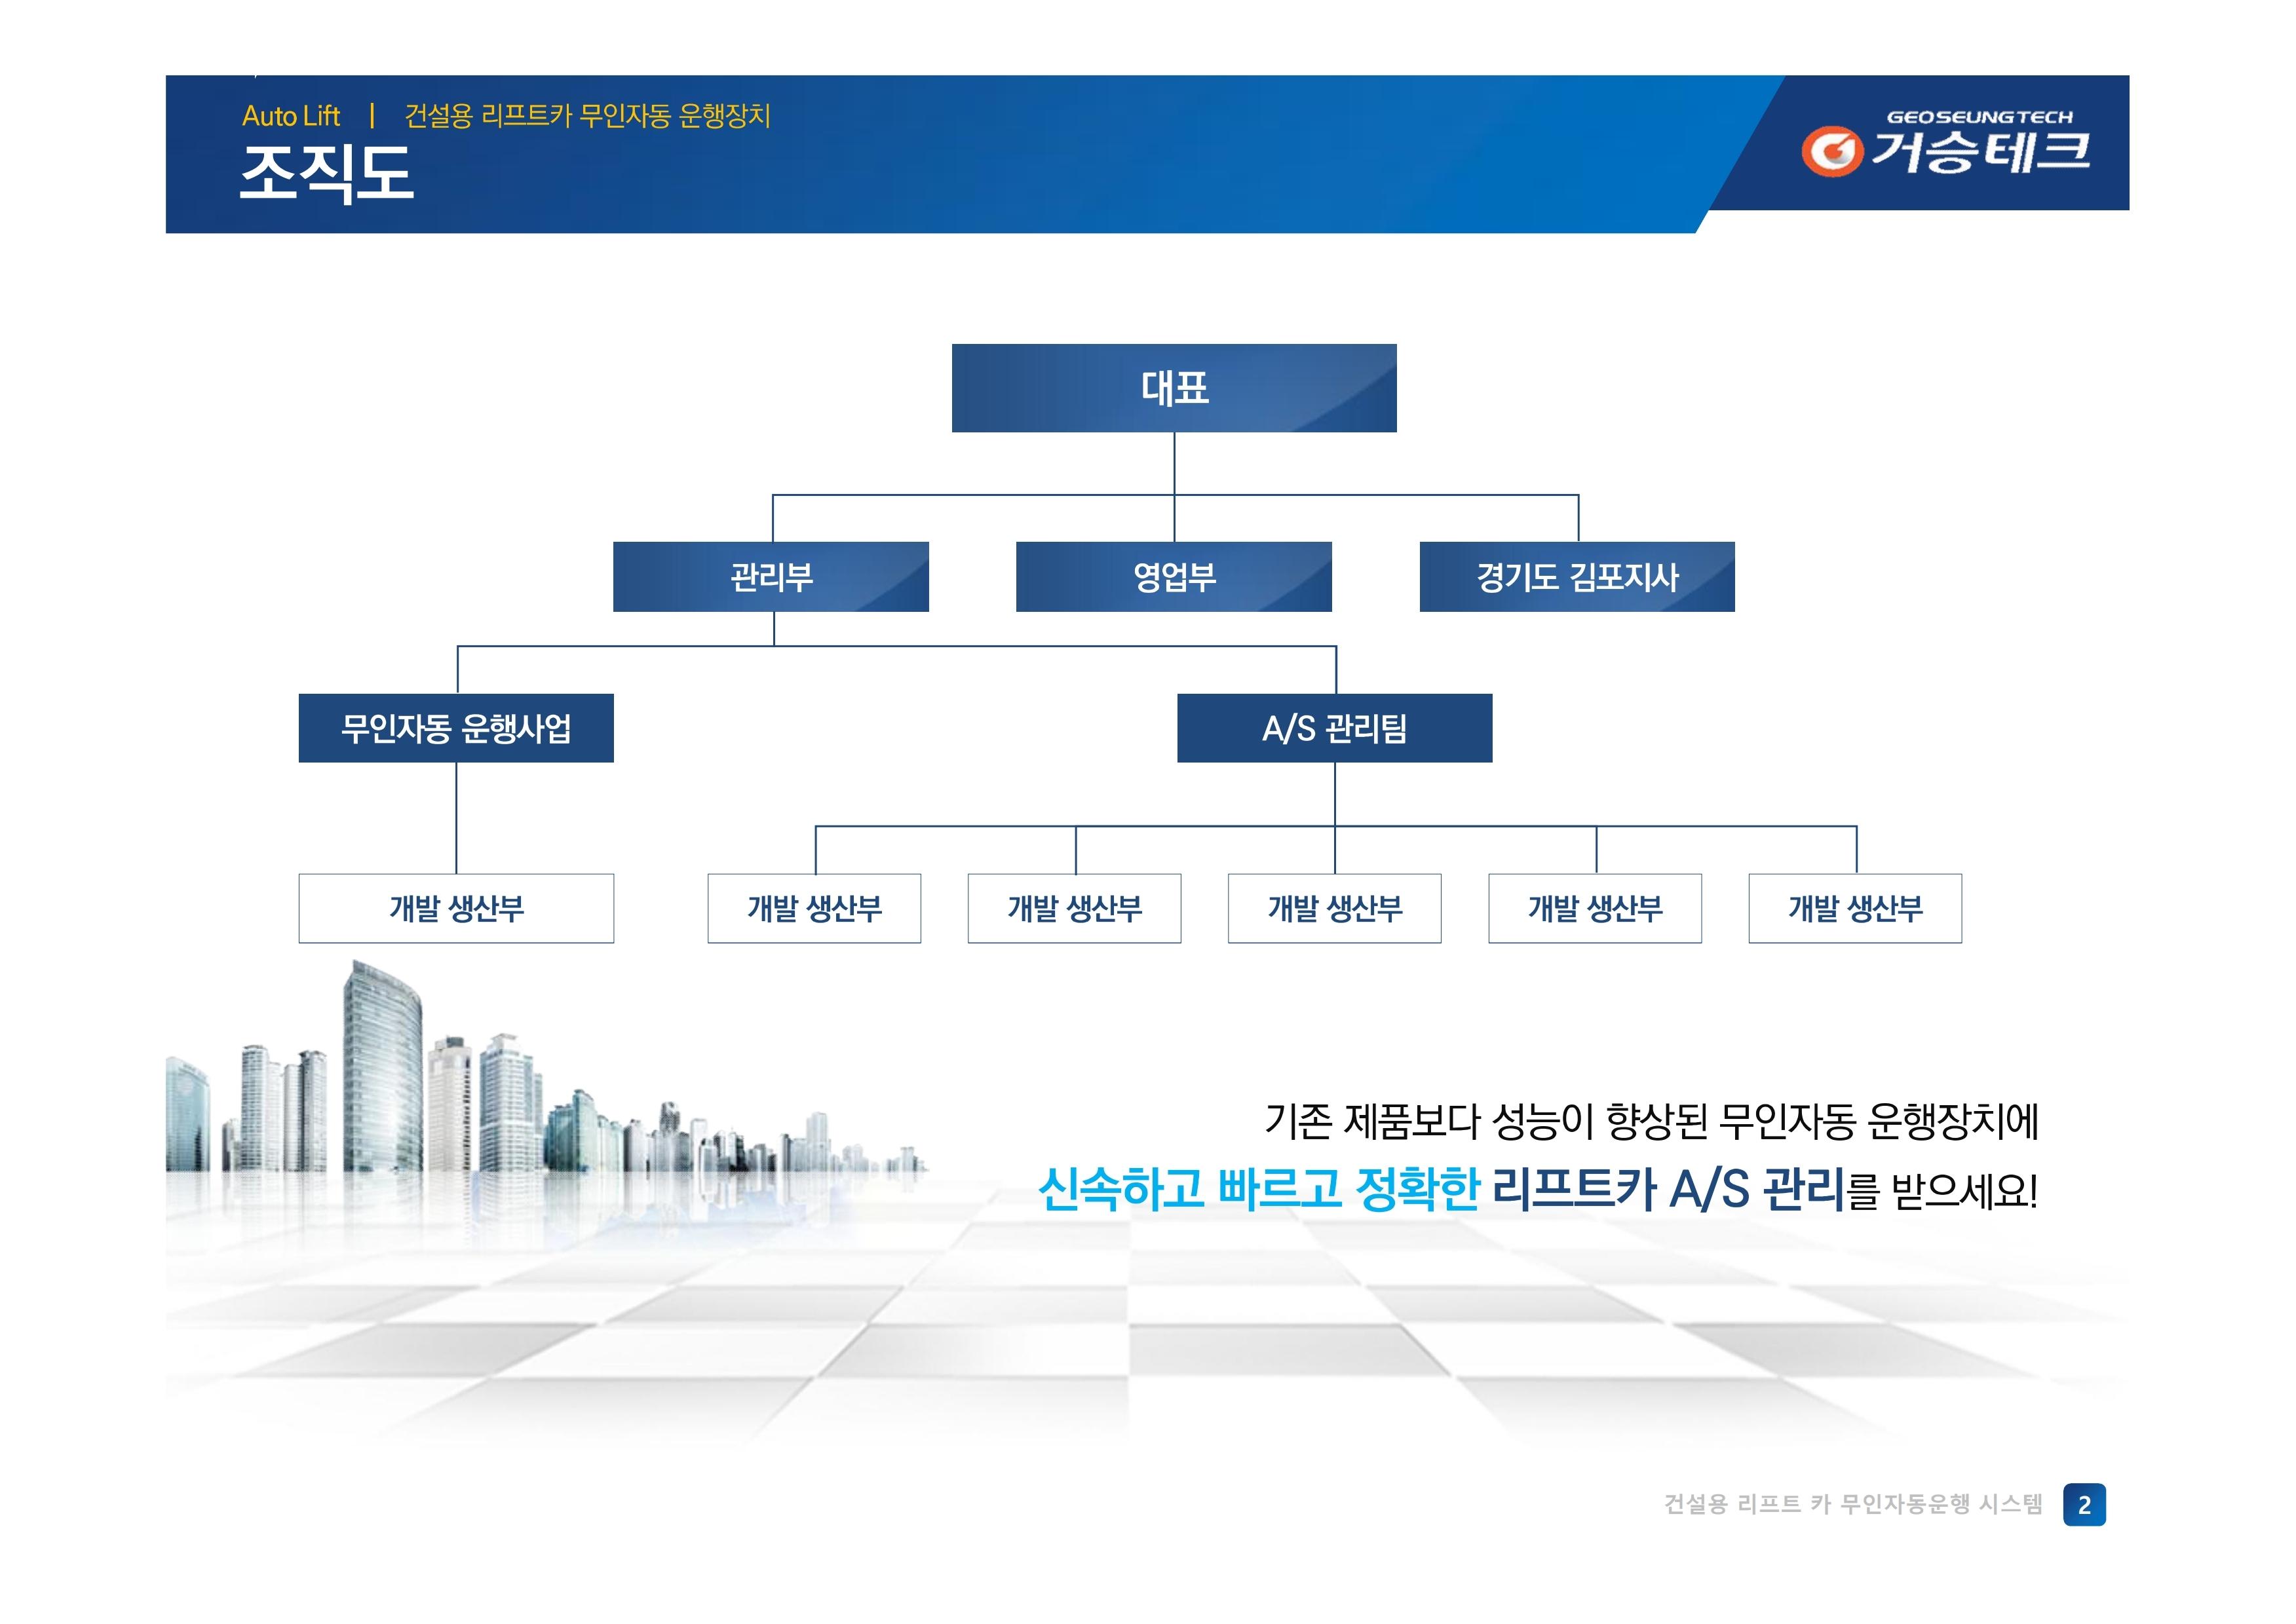 무인자동 (거승테크)-Rev01 (2020-07-22).pdf_page_02.jpg